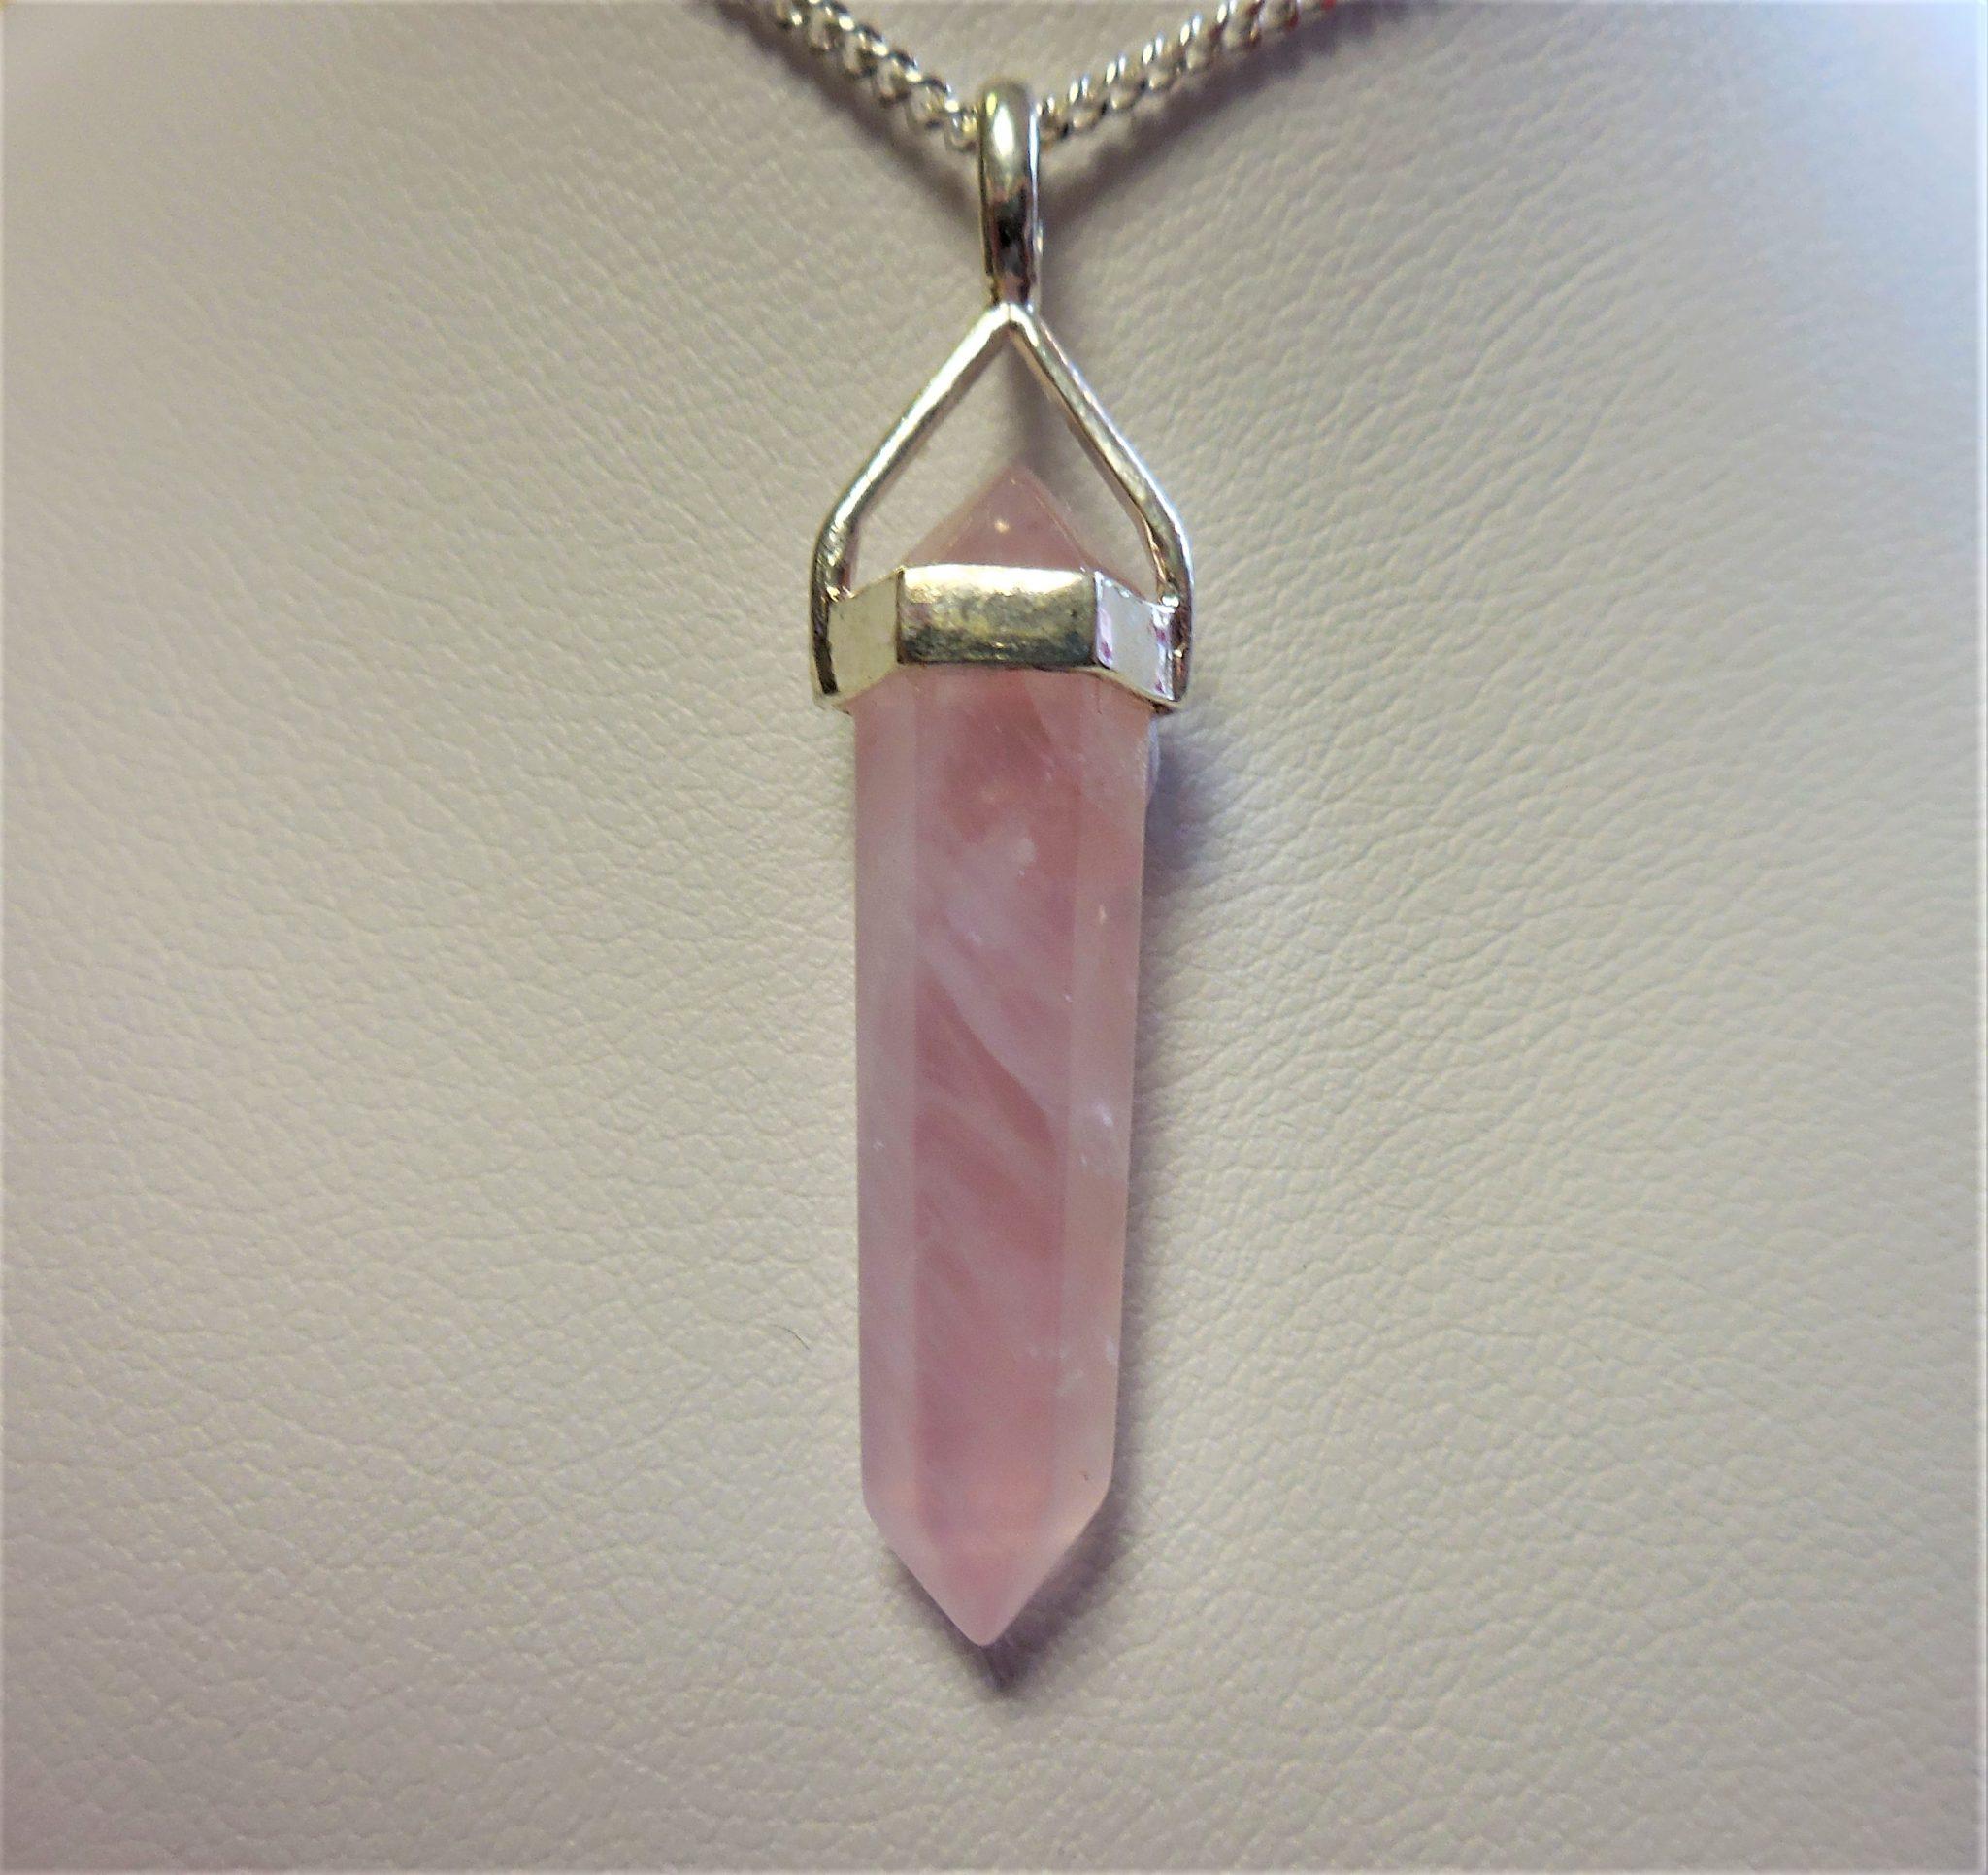 Rose quartz point pendant heaven shop rose quartz point pendant mozeypictures Images